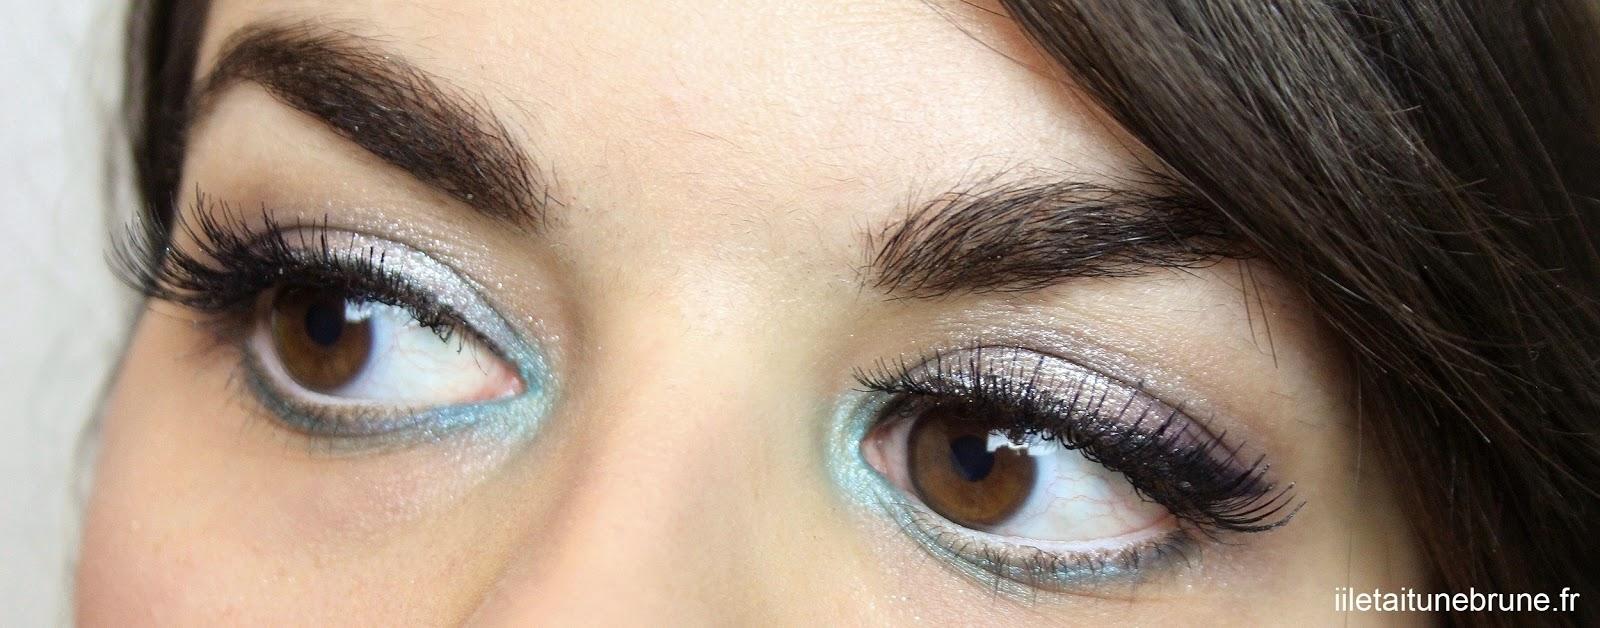 maquillages des yeux bleu azur, violet, argenté